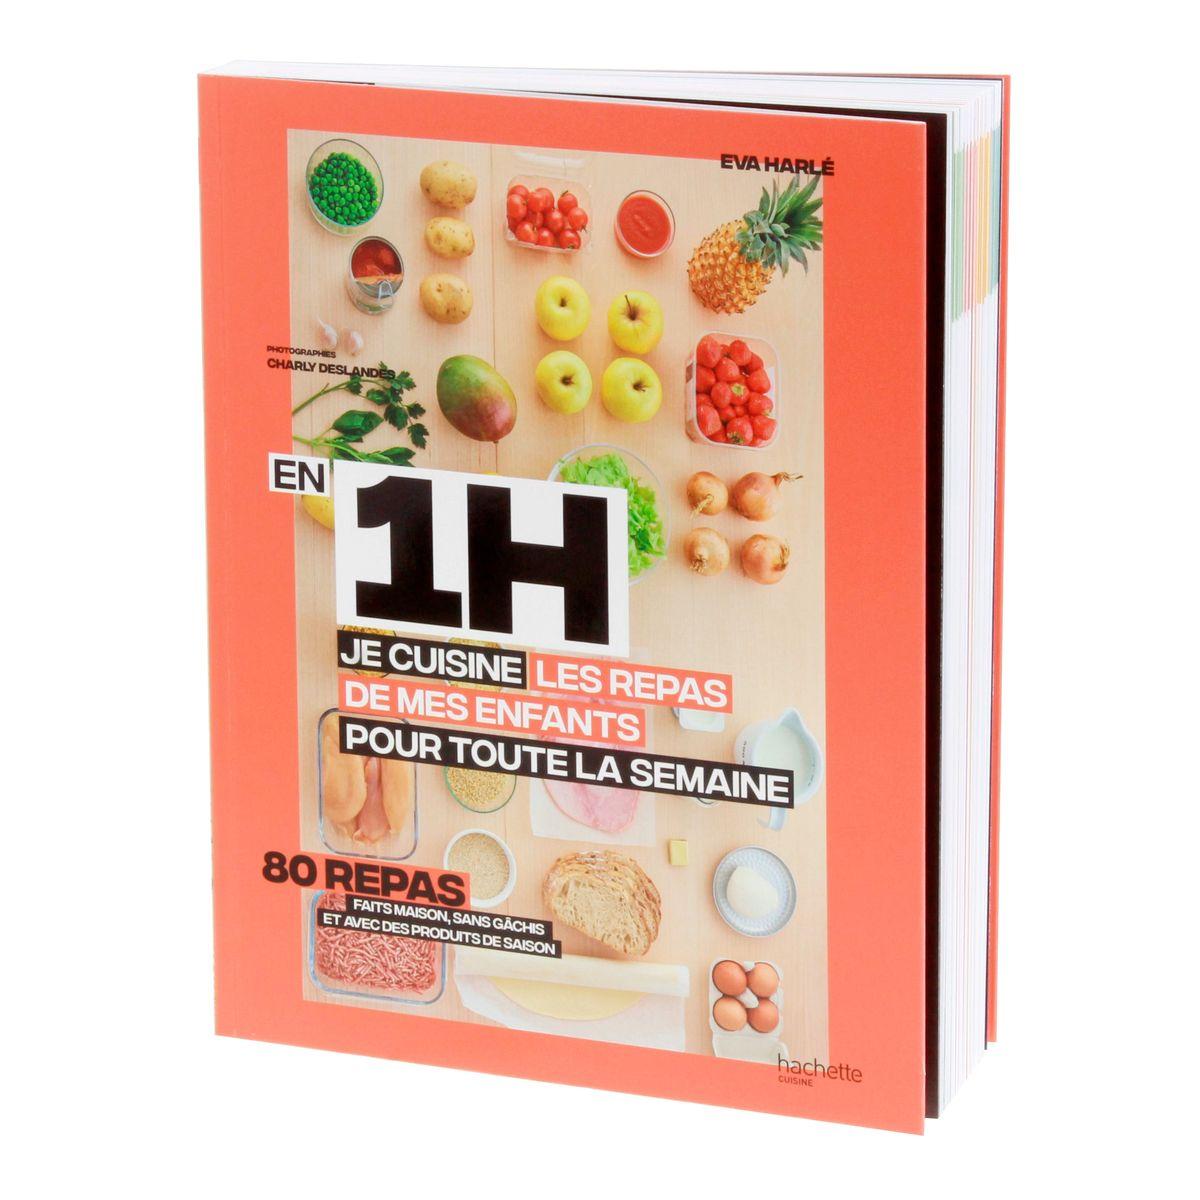 En 1h je cuisine les repas de mes enfants pour toute la semaine - Hachette Cuisine